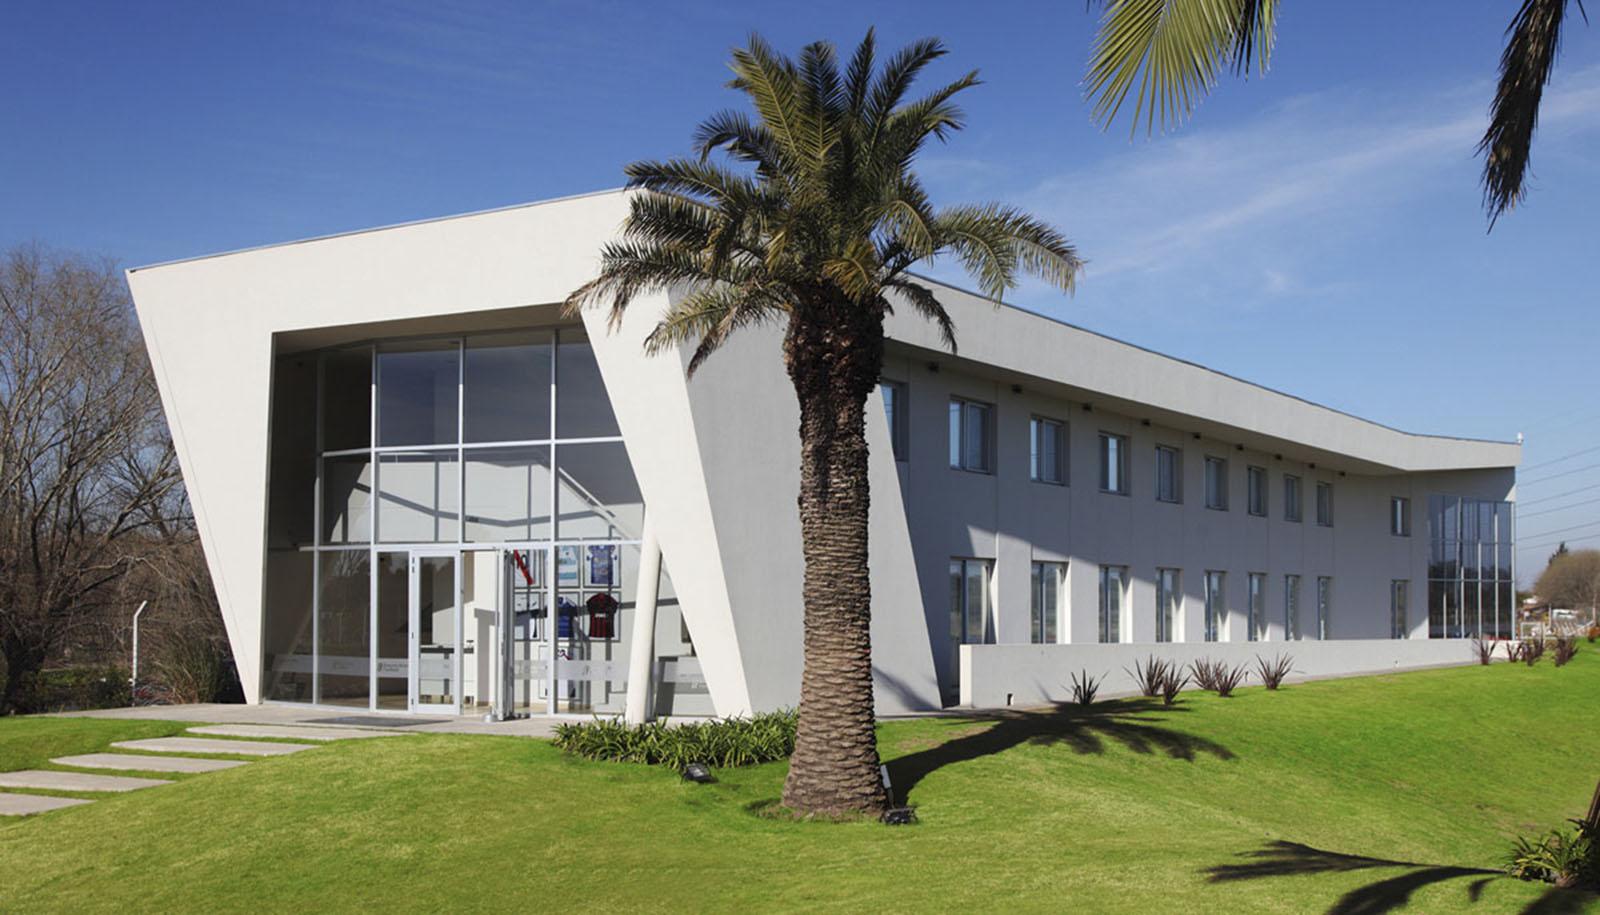 Alojamiento deportivo, arquitectura contemporánea, plegados arquitectónicos, arquitectura y paisaje